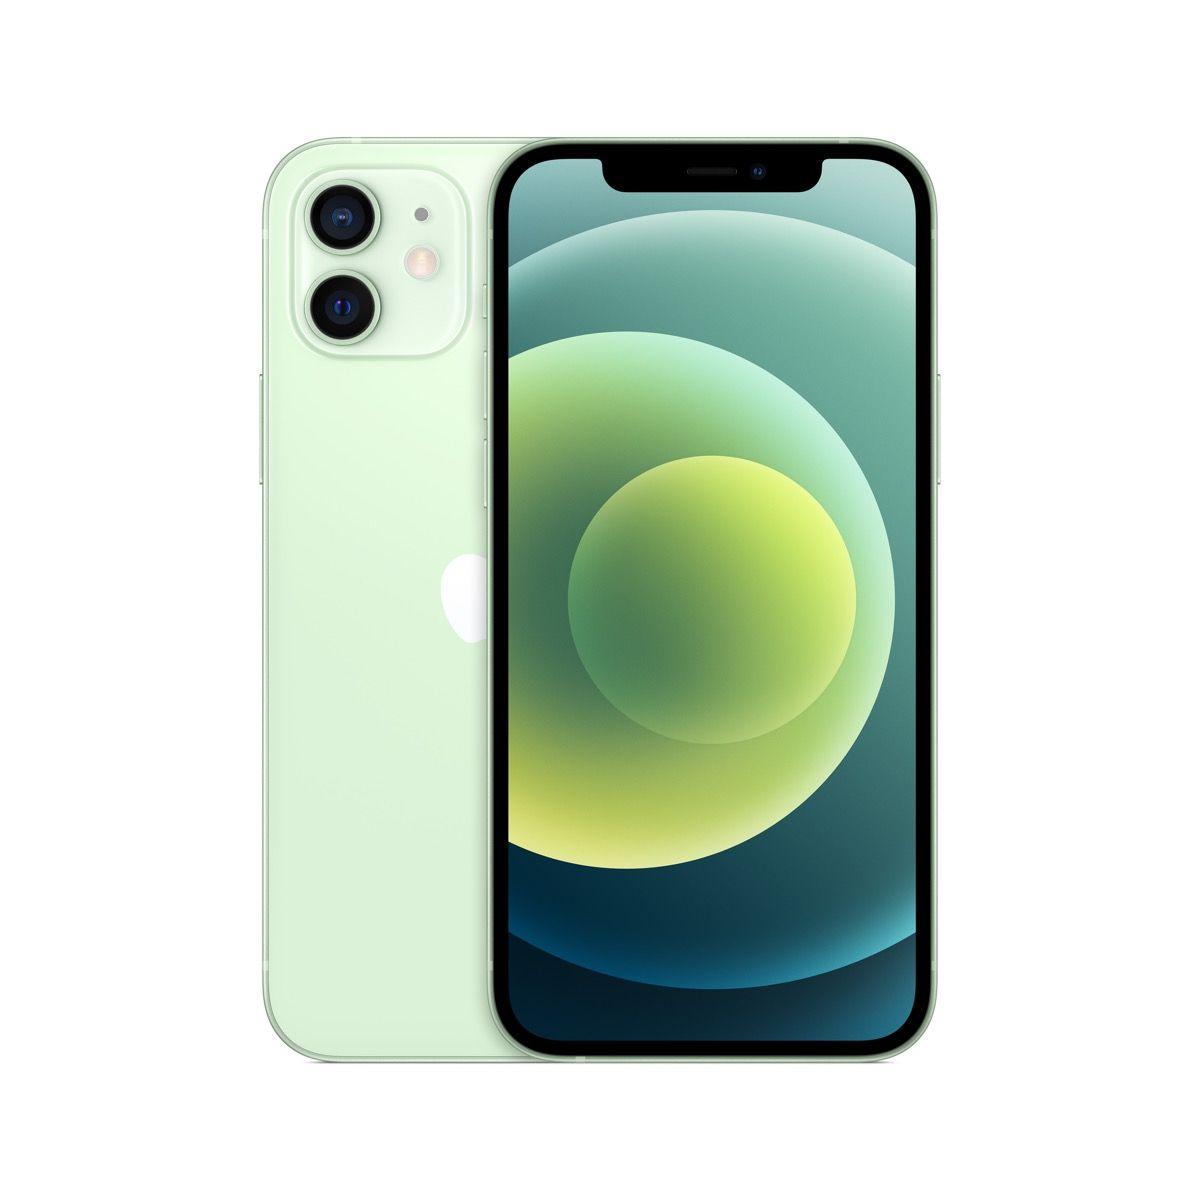 Apple iPhone 12 mini 256GB Green / SK